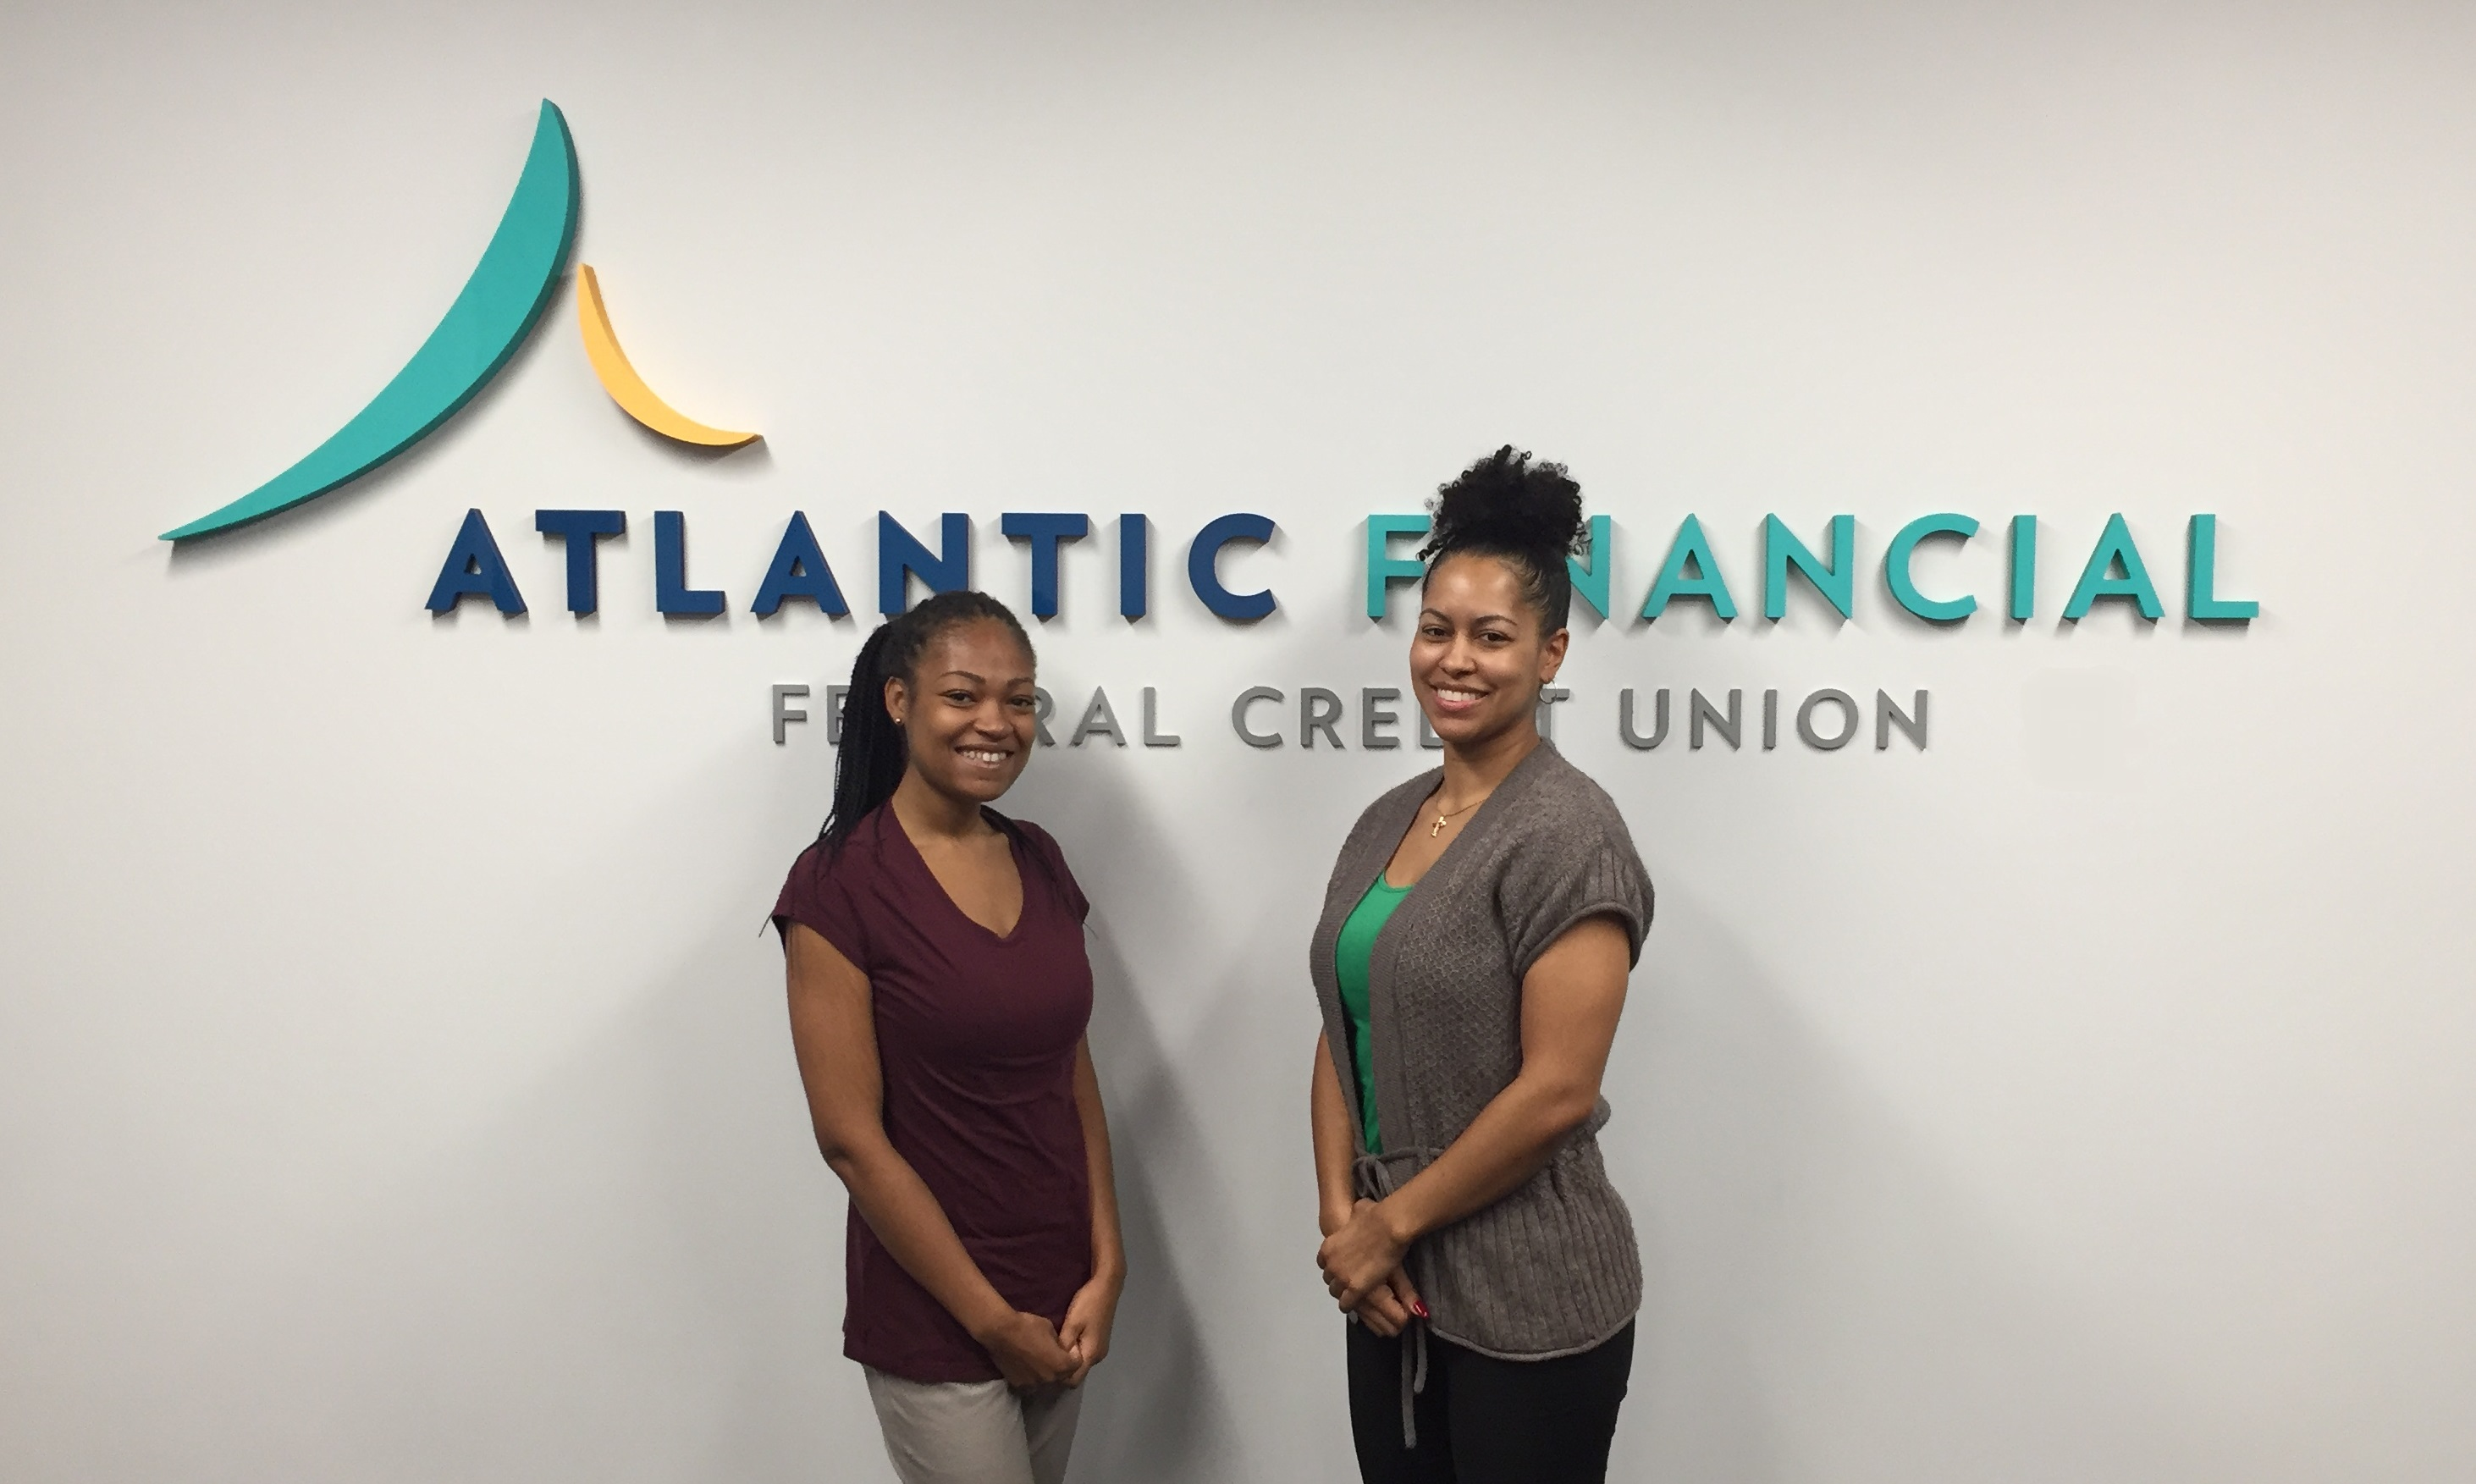 AFFCU's New Call Center Team Members